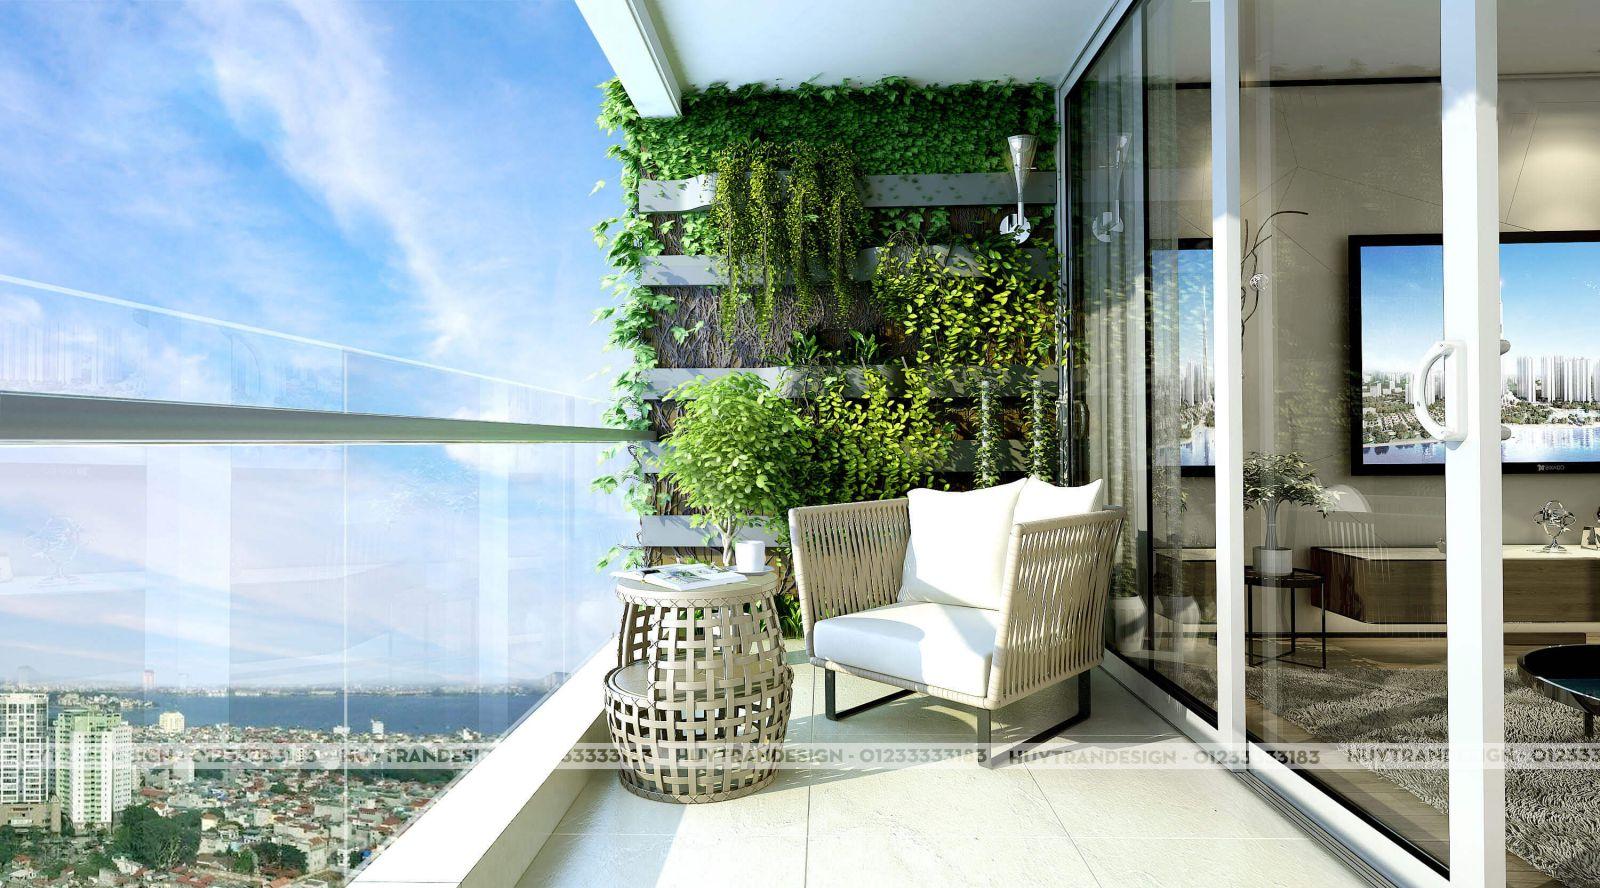 Thiết kế ban công đẹp hợp phong thuỷ cho nhà chung cư tài lộc thịnh vượng Long Biên, Hà Nội